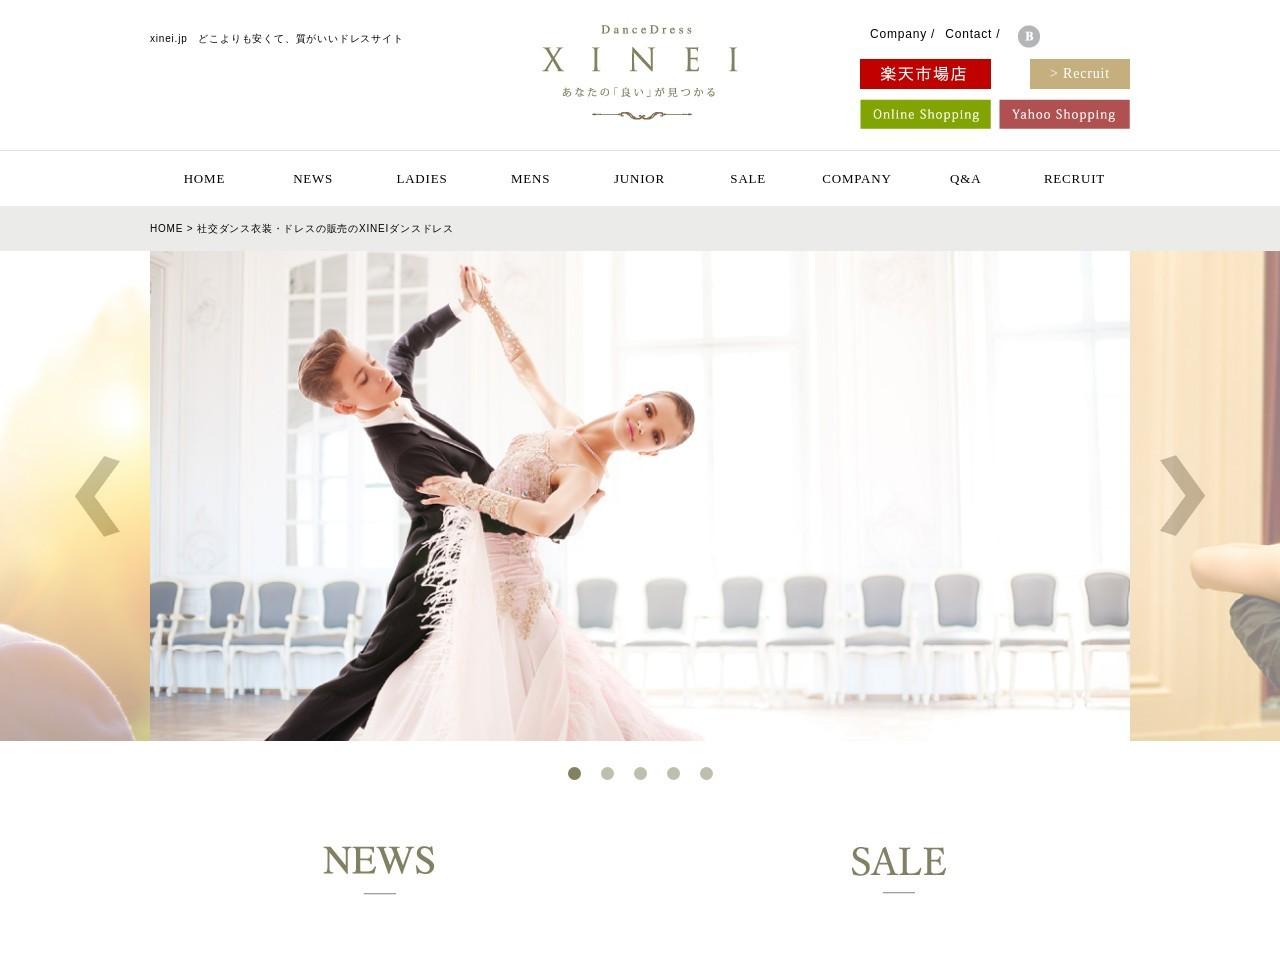 社交ダンス衣装・ドレスの販売のXINEIダンスドレス